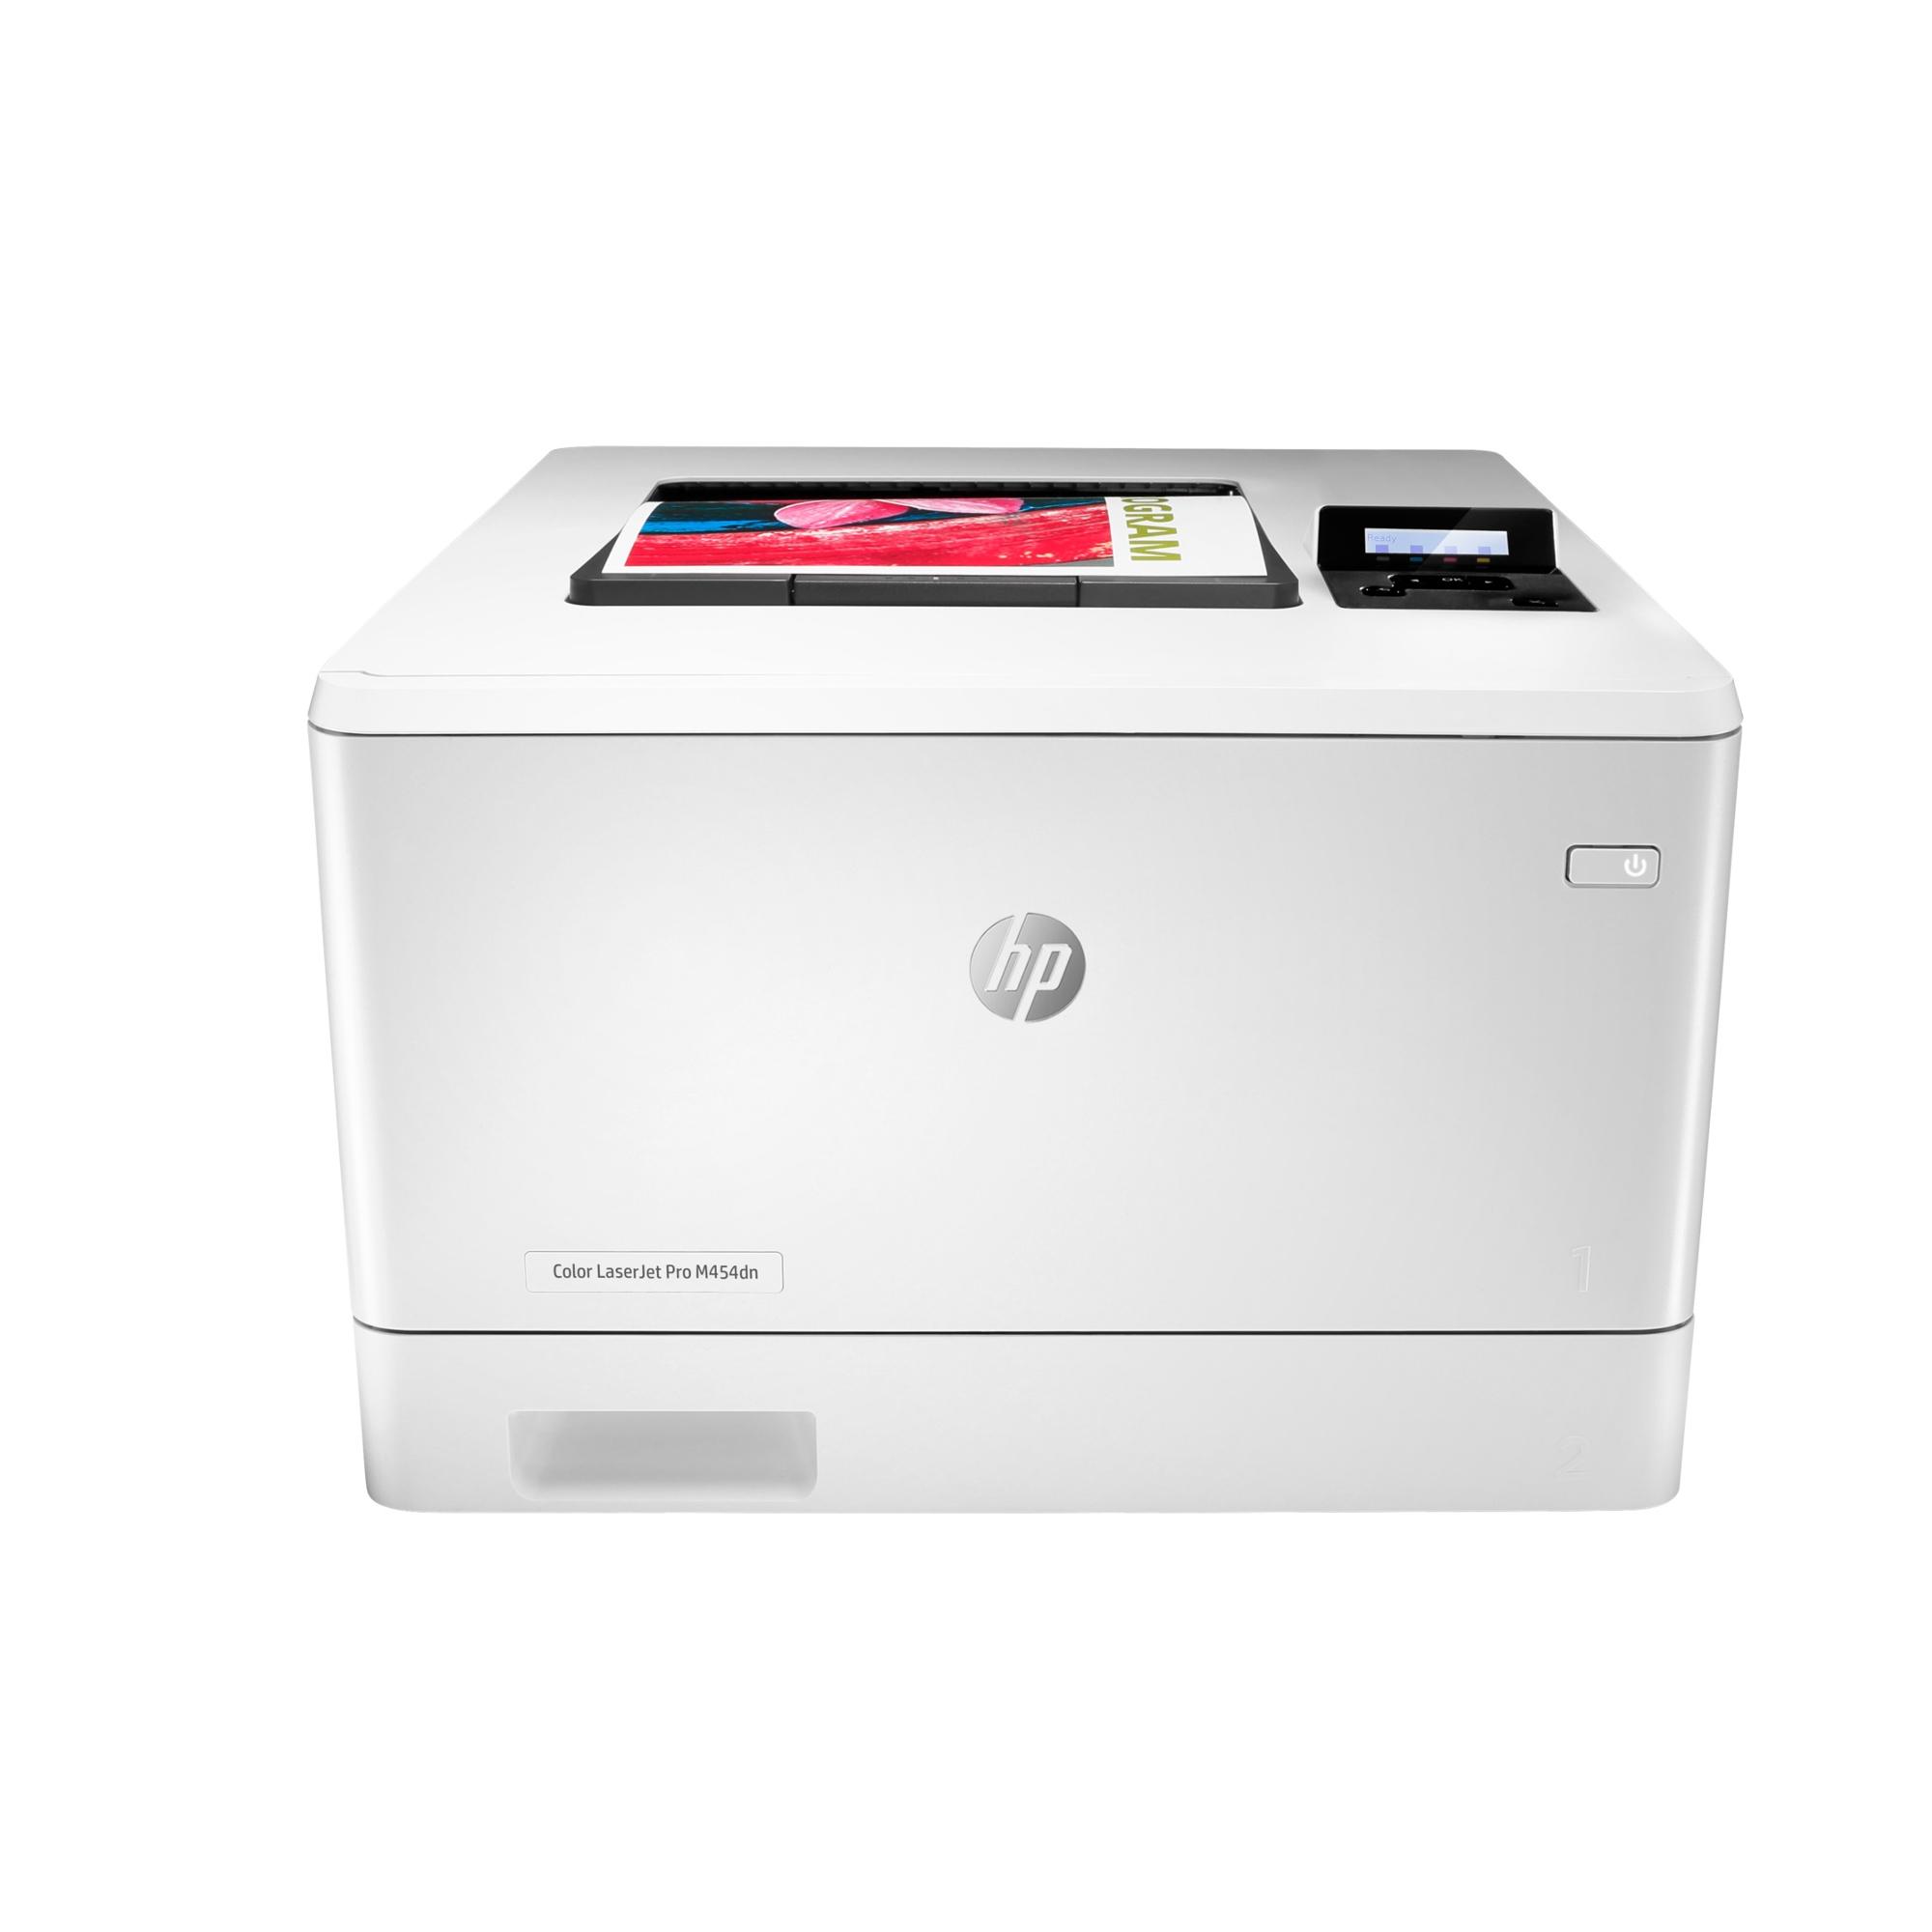 Noleggio Stampante HP Color LaserJet Pro M454dn - Lyreco print services